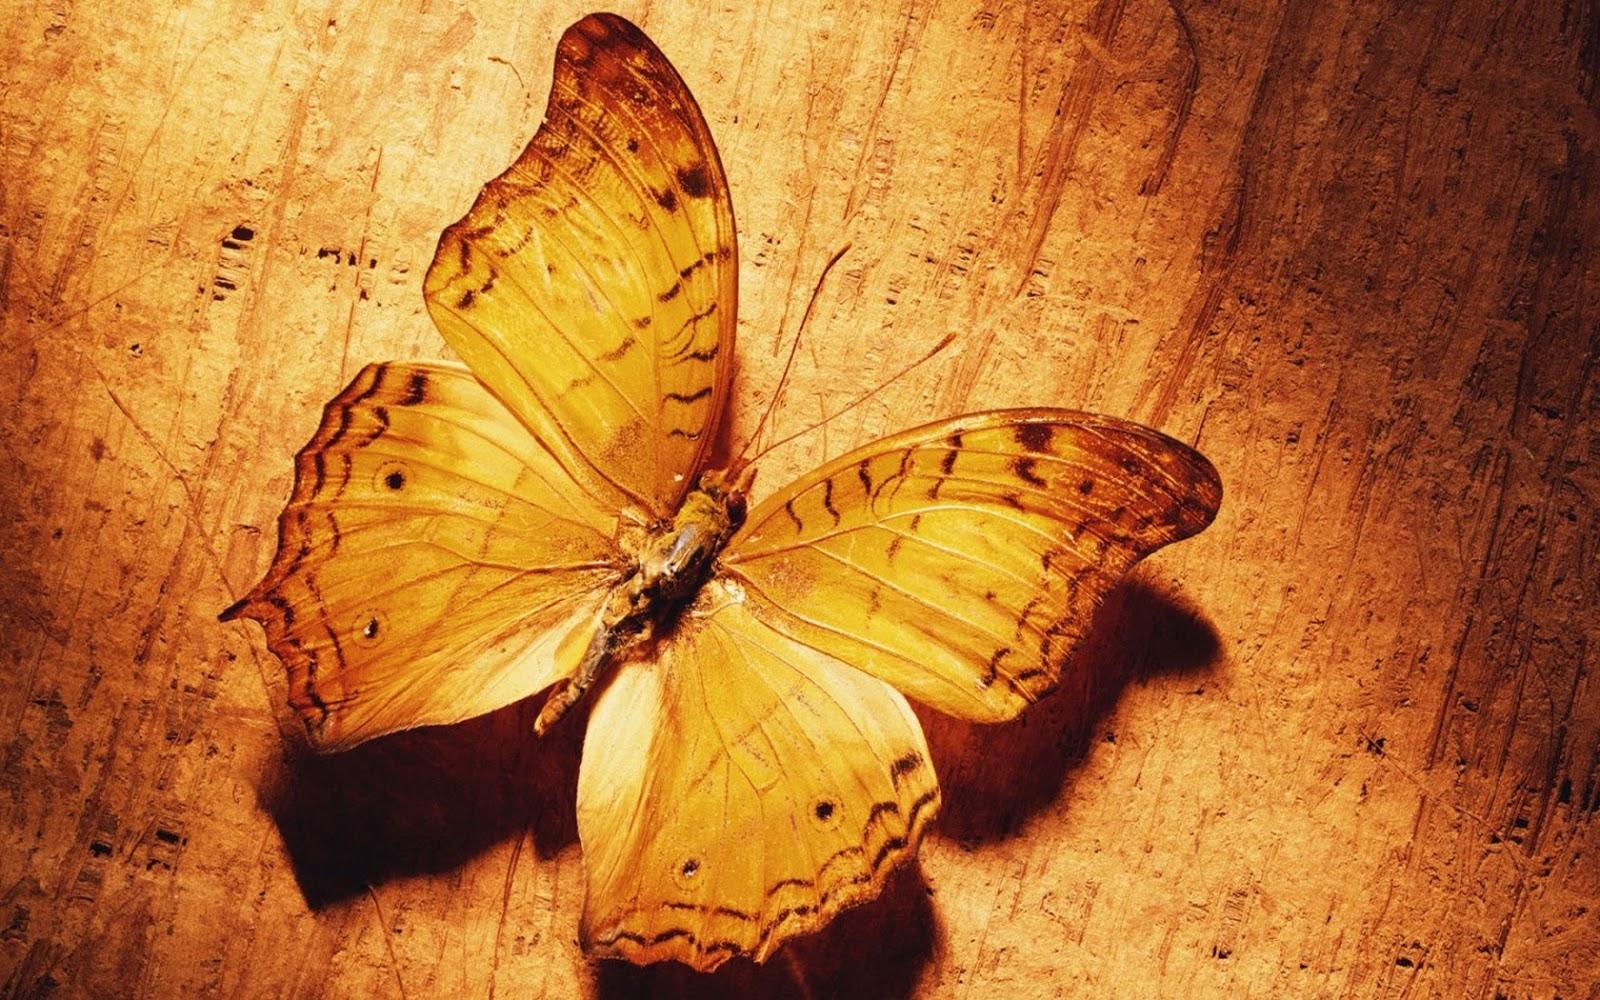 Hd Wallpapers Butterfly Hd Wallpaper Latest